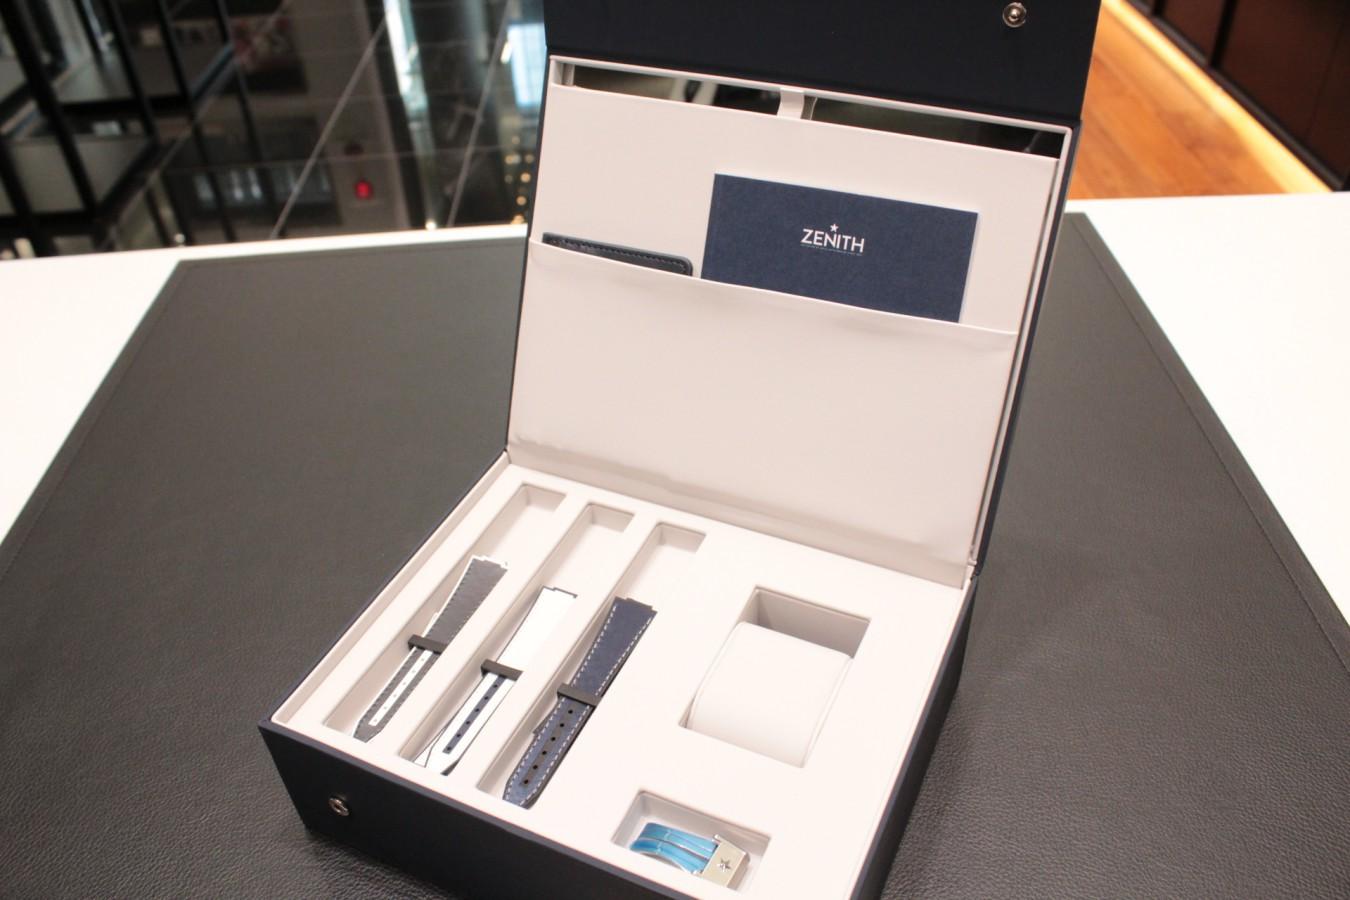 IMG_4620 ゼニスの2020年新作レディースモデル「デファイ ミッドナイト」が入荷! - DEFY